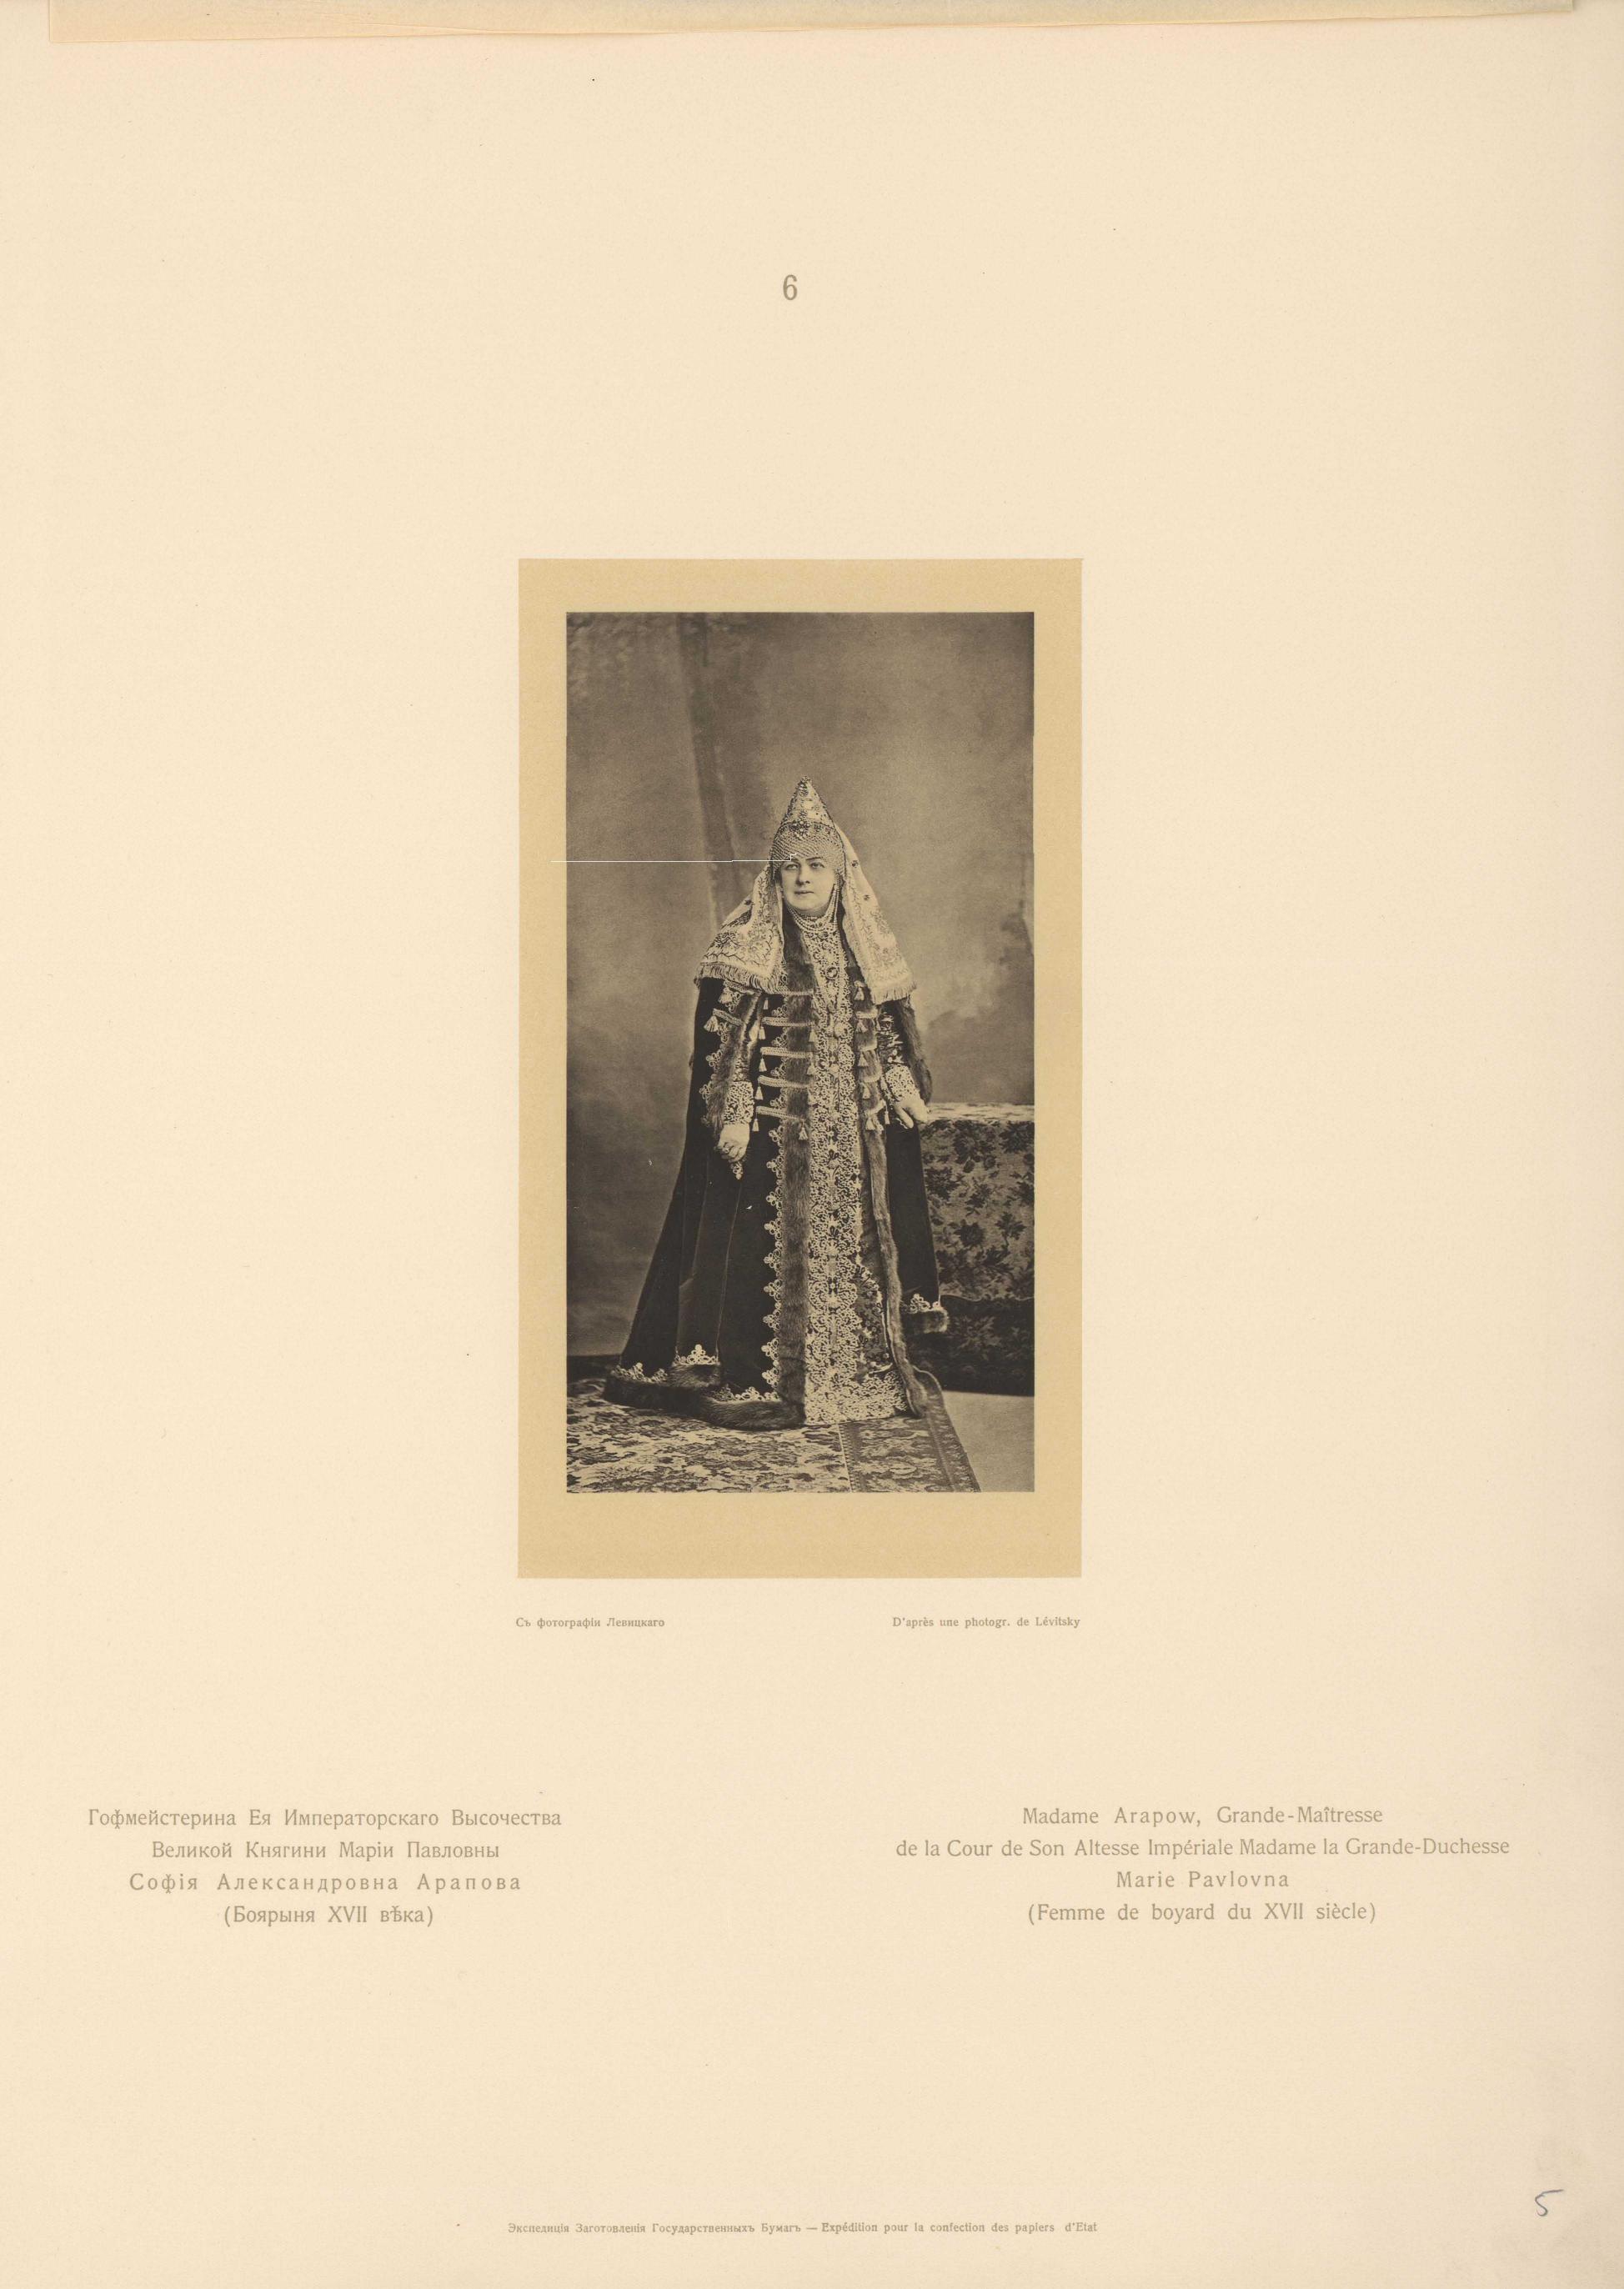 Гофмейстерина Ея Императорского Высочества Великой Княгини Марии Павловны Софья Александровна Арапова